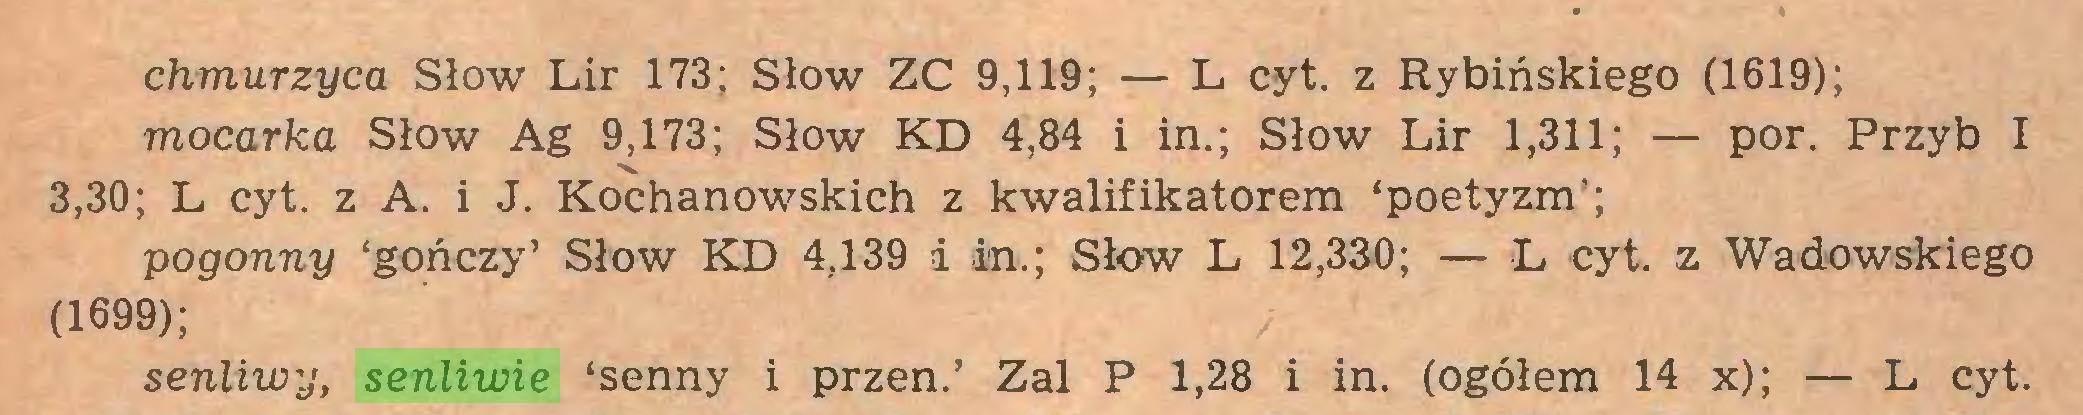 (...) chmurzyć a Słów Lir 173; Słów ZC 9,119; — L cyt. z Rybińskiego (1619); mocarka Słów Ag 9,173; Słów KD 4,84 i in.; Słów Lir 1,311; — por. Przyb I 3,30; L cyt. z A. i J. Kochanowskich z kwalifikatorem 'poetyzm'; pogonny 'gończy' Słów KD 4,139 i in.; Słów L 12,330; — L cyt. z Wadowskiego (1699); senliwy, senliwie 'senny i przen.' Zal P 1,28 i in. (ogółem 14 x); — L cyt...